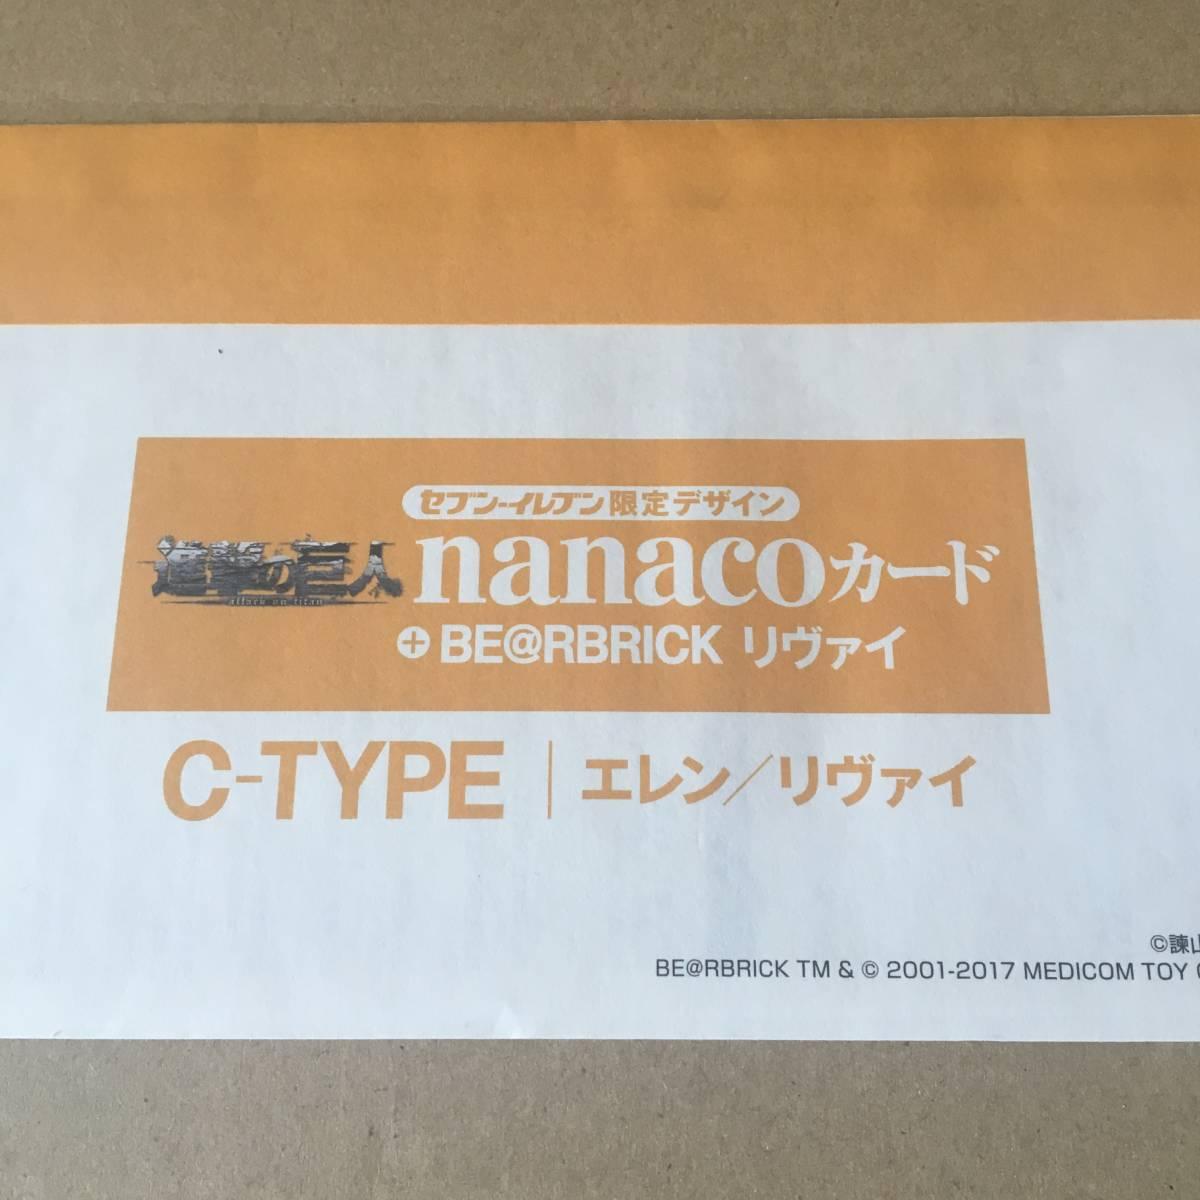 新品 進撃の巨人 nanacoカード Cタイプ エレン リヴァイ_画像2